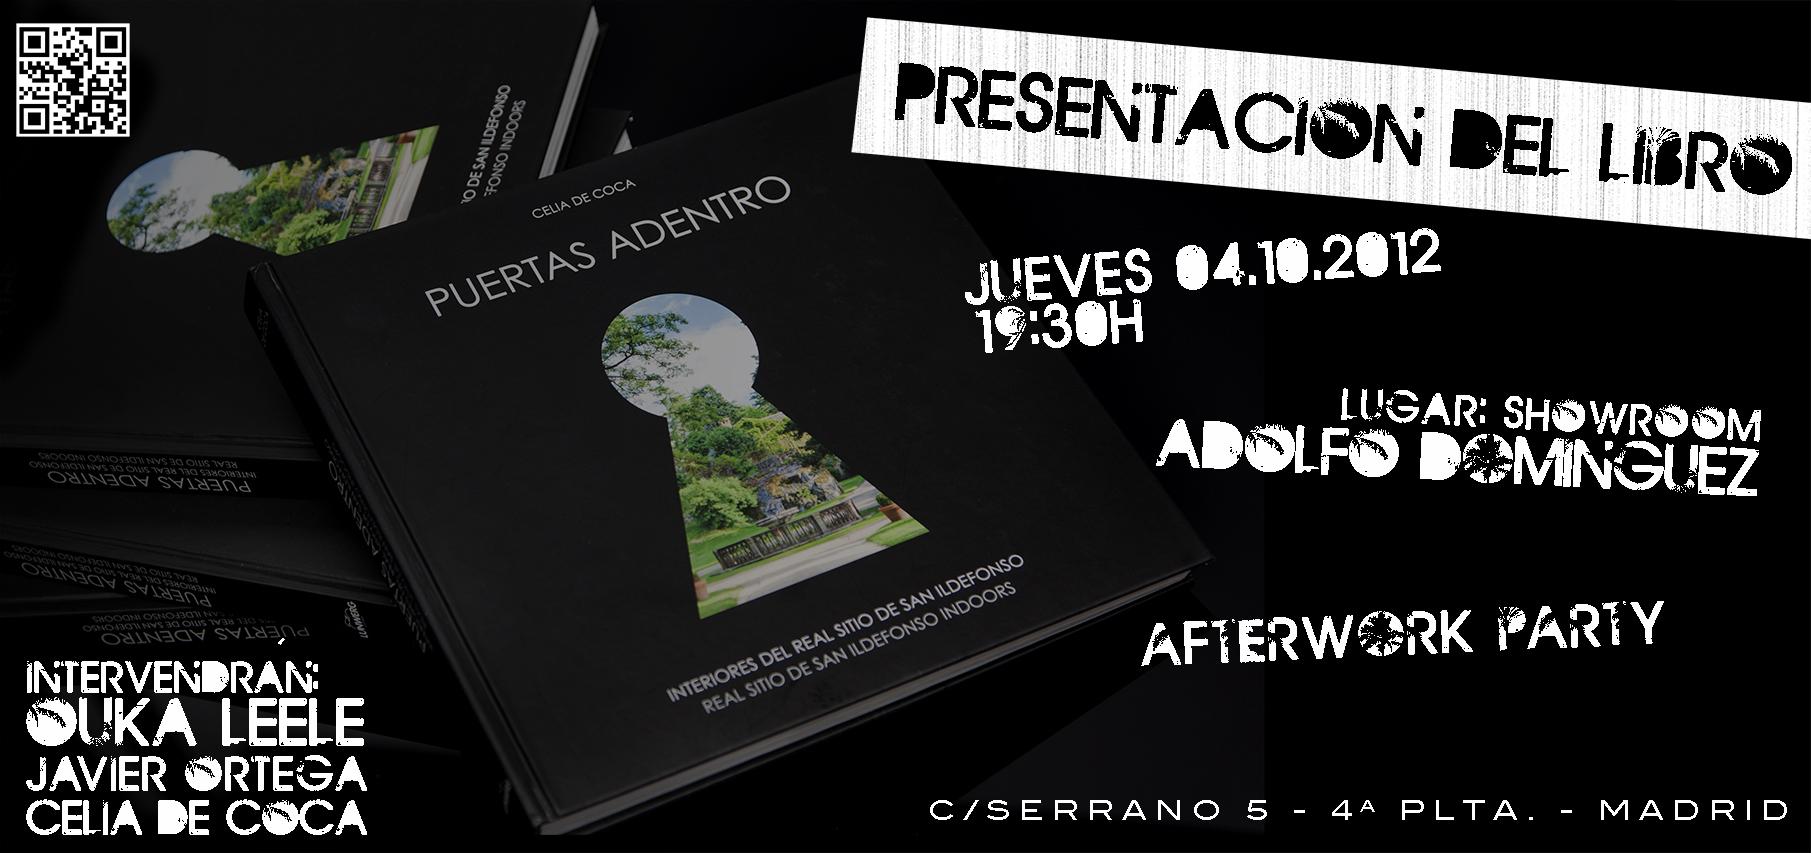 Presentación del libro 'Puertas adentro' de Celia de Coca en Madrid